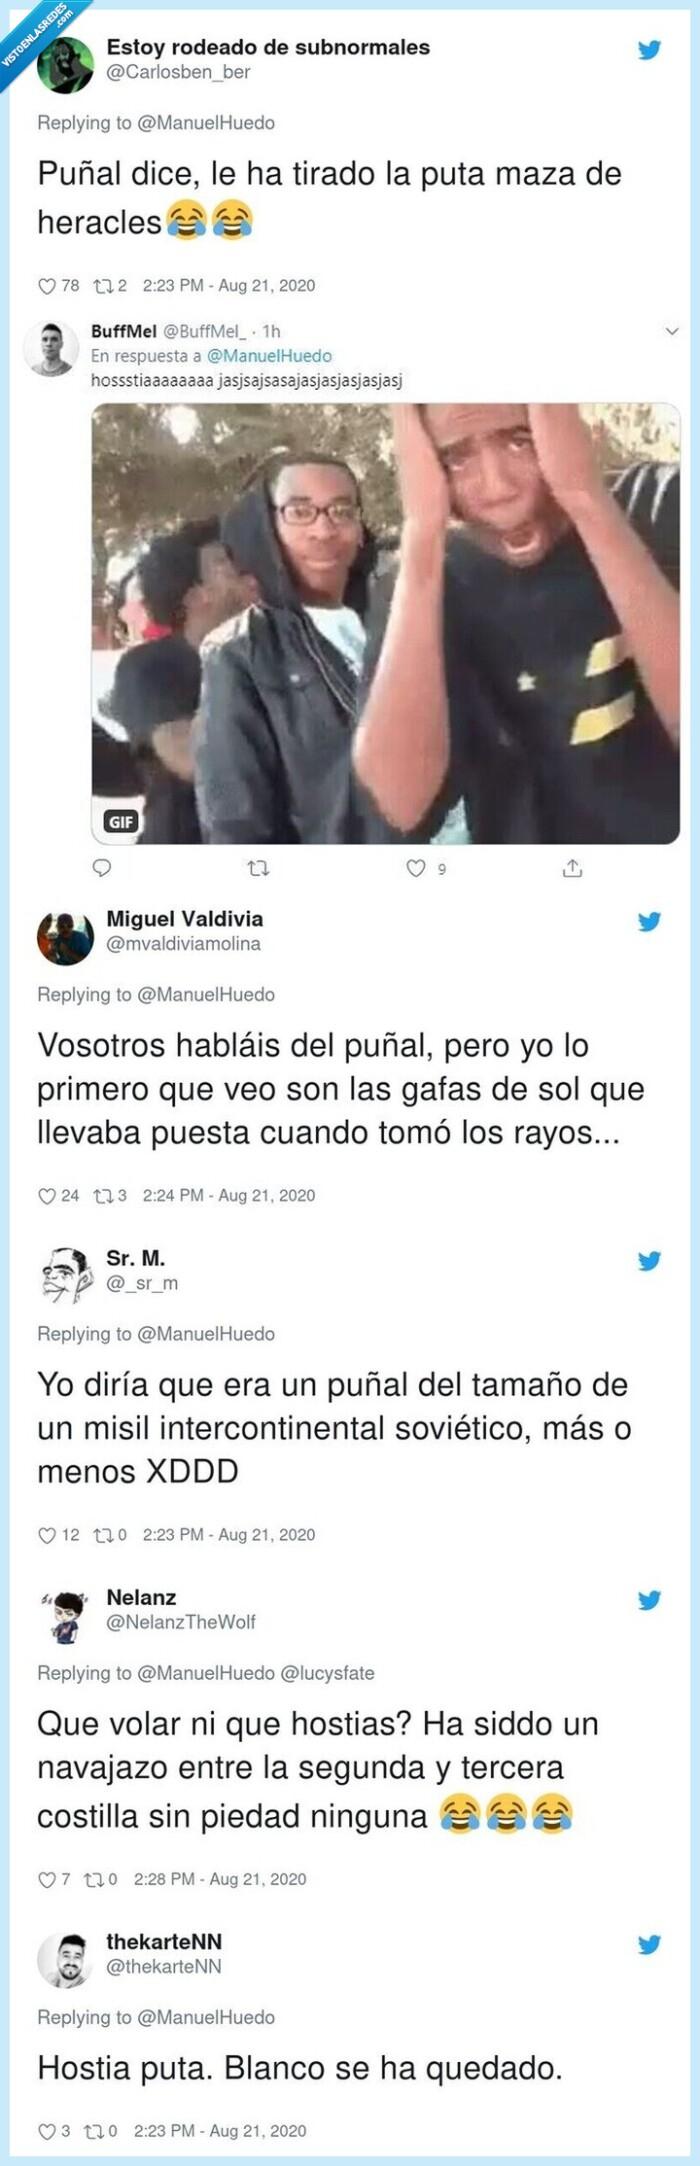 665845 - El tremendo dardo de una colaboradora de Telecinco a un periodista sobre el cierre de los prostíbulos que ha dejado rotísimo a todo el mundo, por @ManuelHuedo